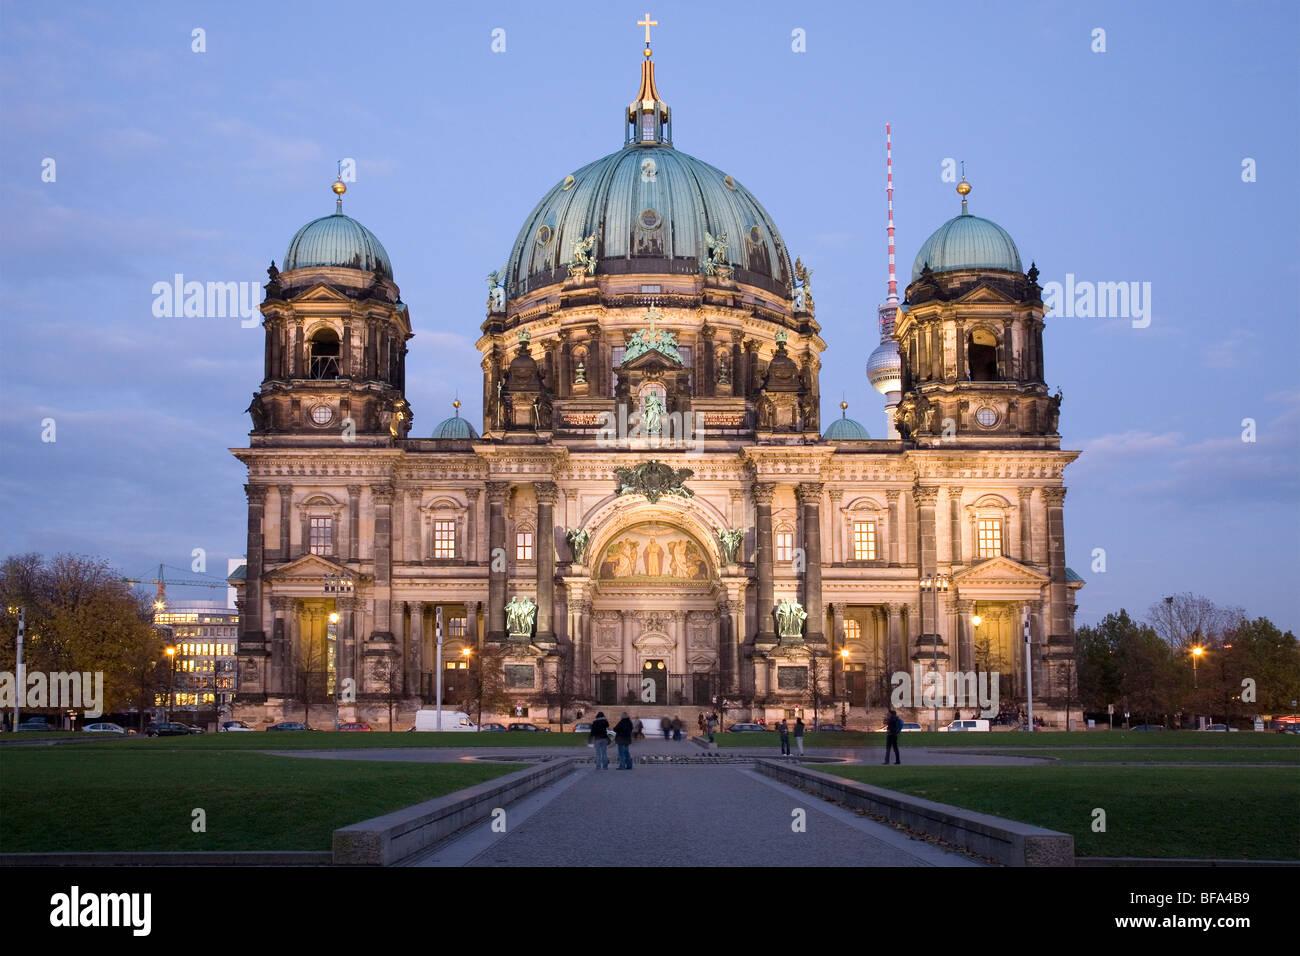 La Catedral de Berlín y Lustgarten, Berlín, Alemania Imagen De Stock